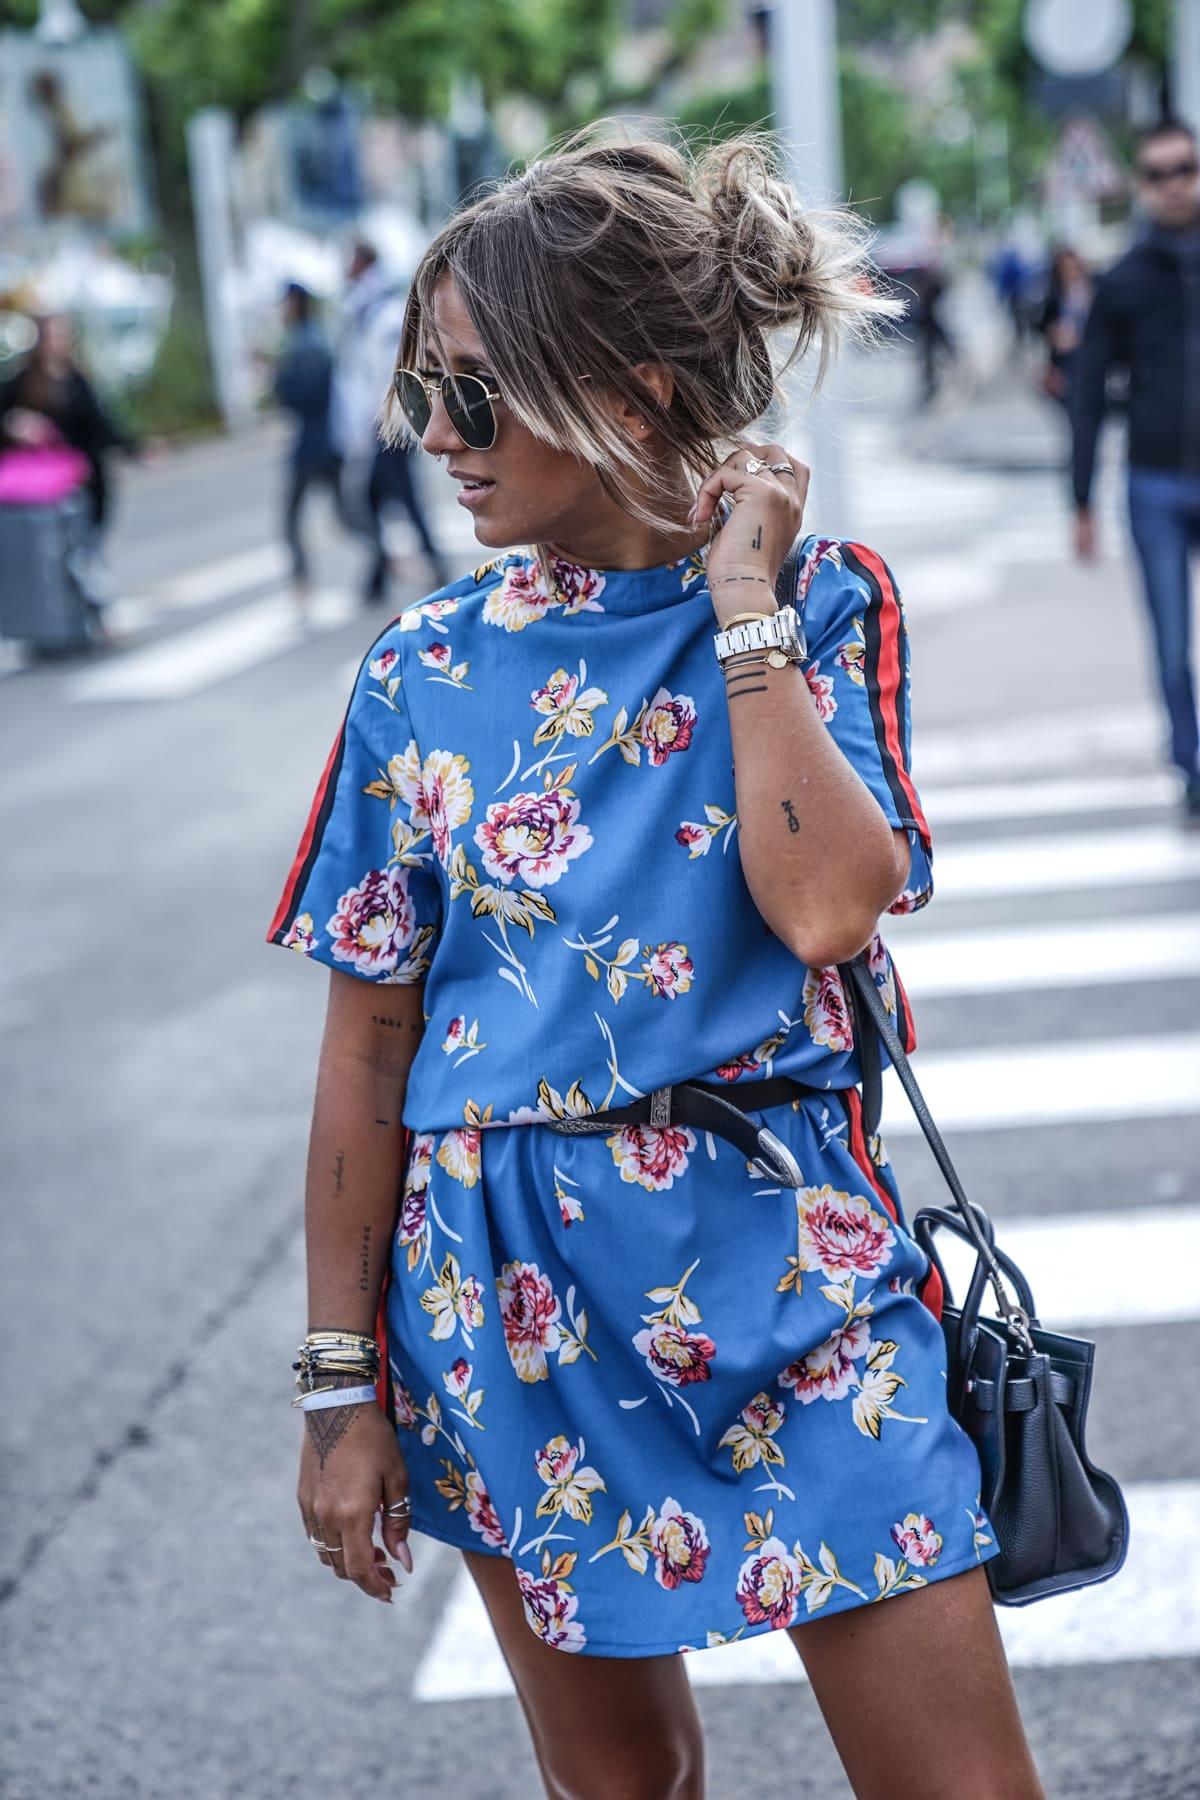 Yeni Moda Spor Tarzı Çiçek Elbiseler